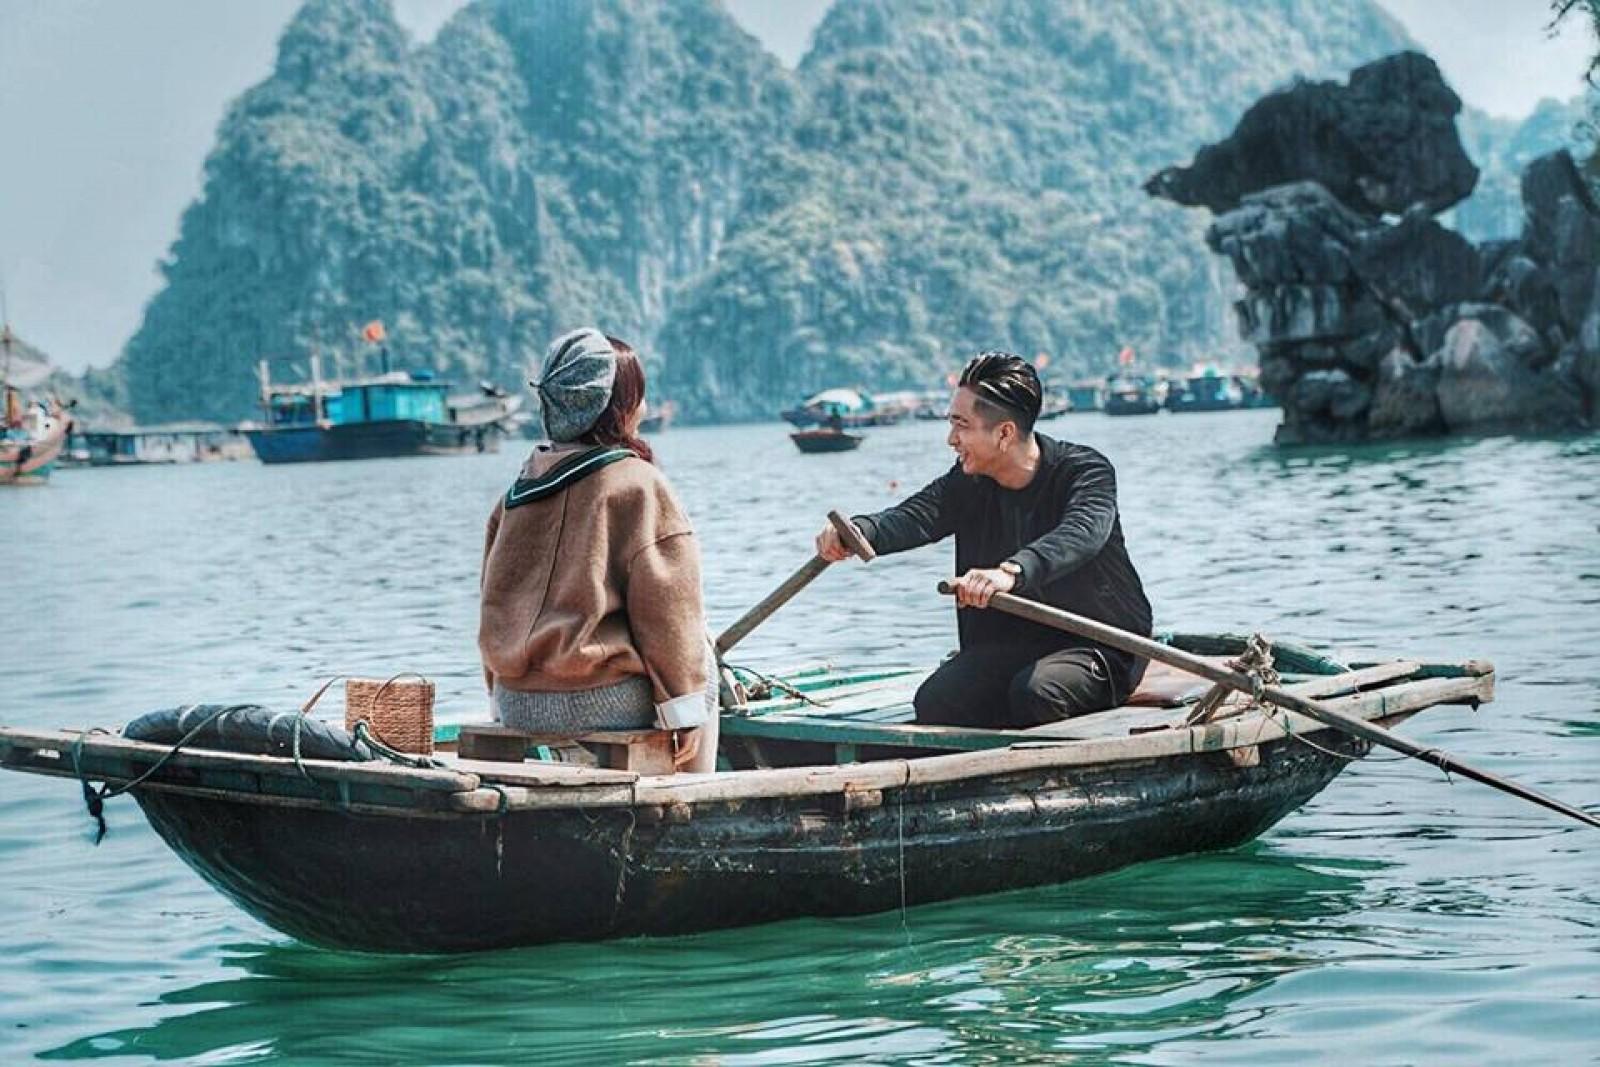 Khung cảnh lãng mạn của Hạ Long. Hình: Sưu tầm